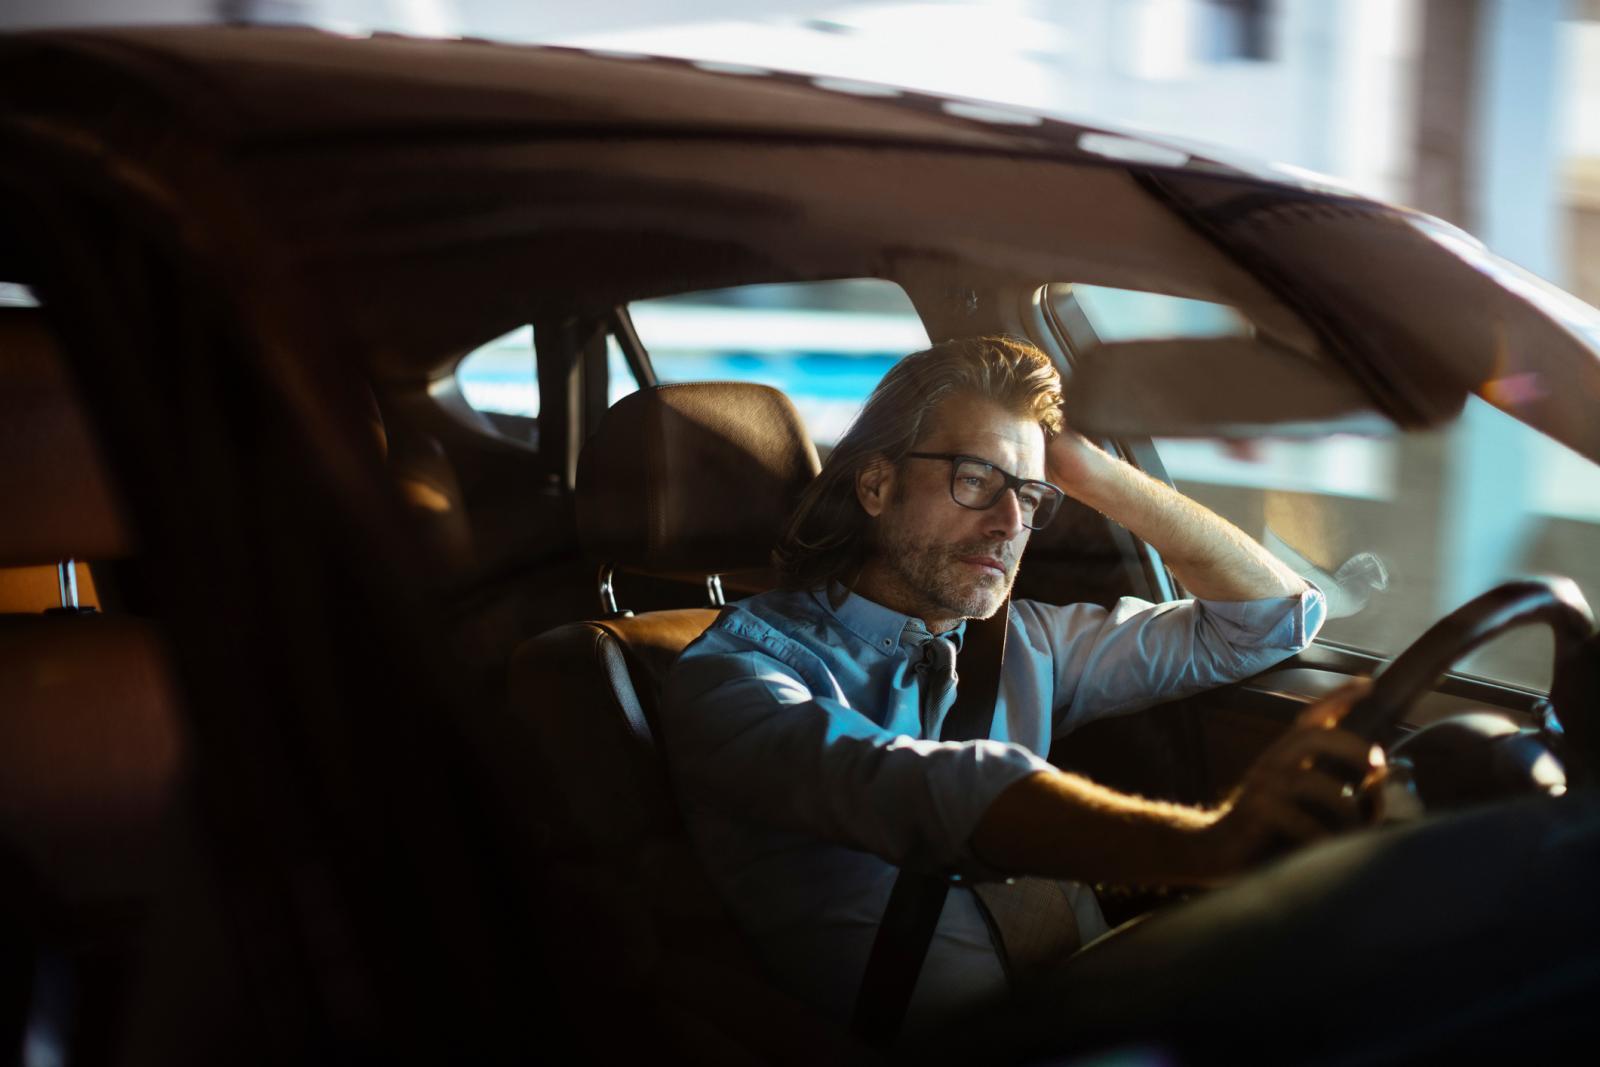 Radi više od 10 sati dnevno, vozi se doma u tišini, pogled mu je prazan... Mnogi muškarci će se prepoznati u ovoj situaciji.